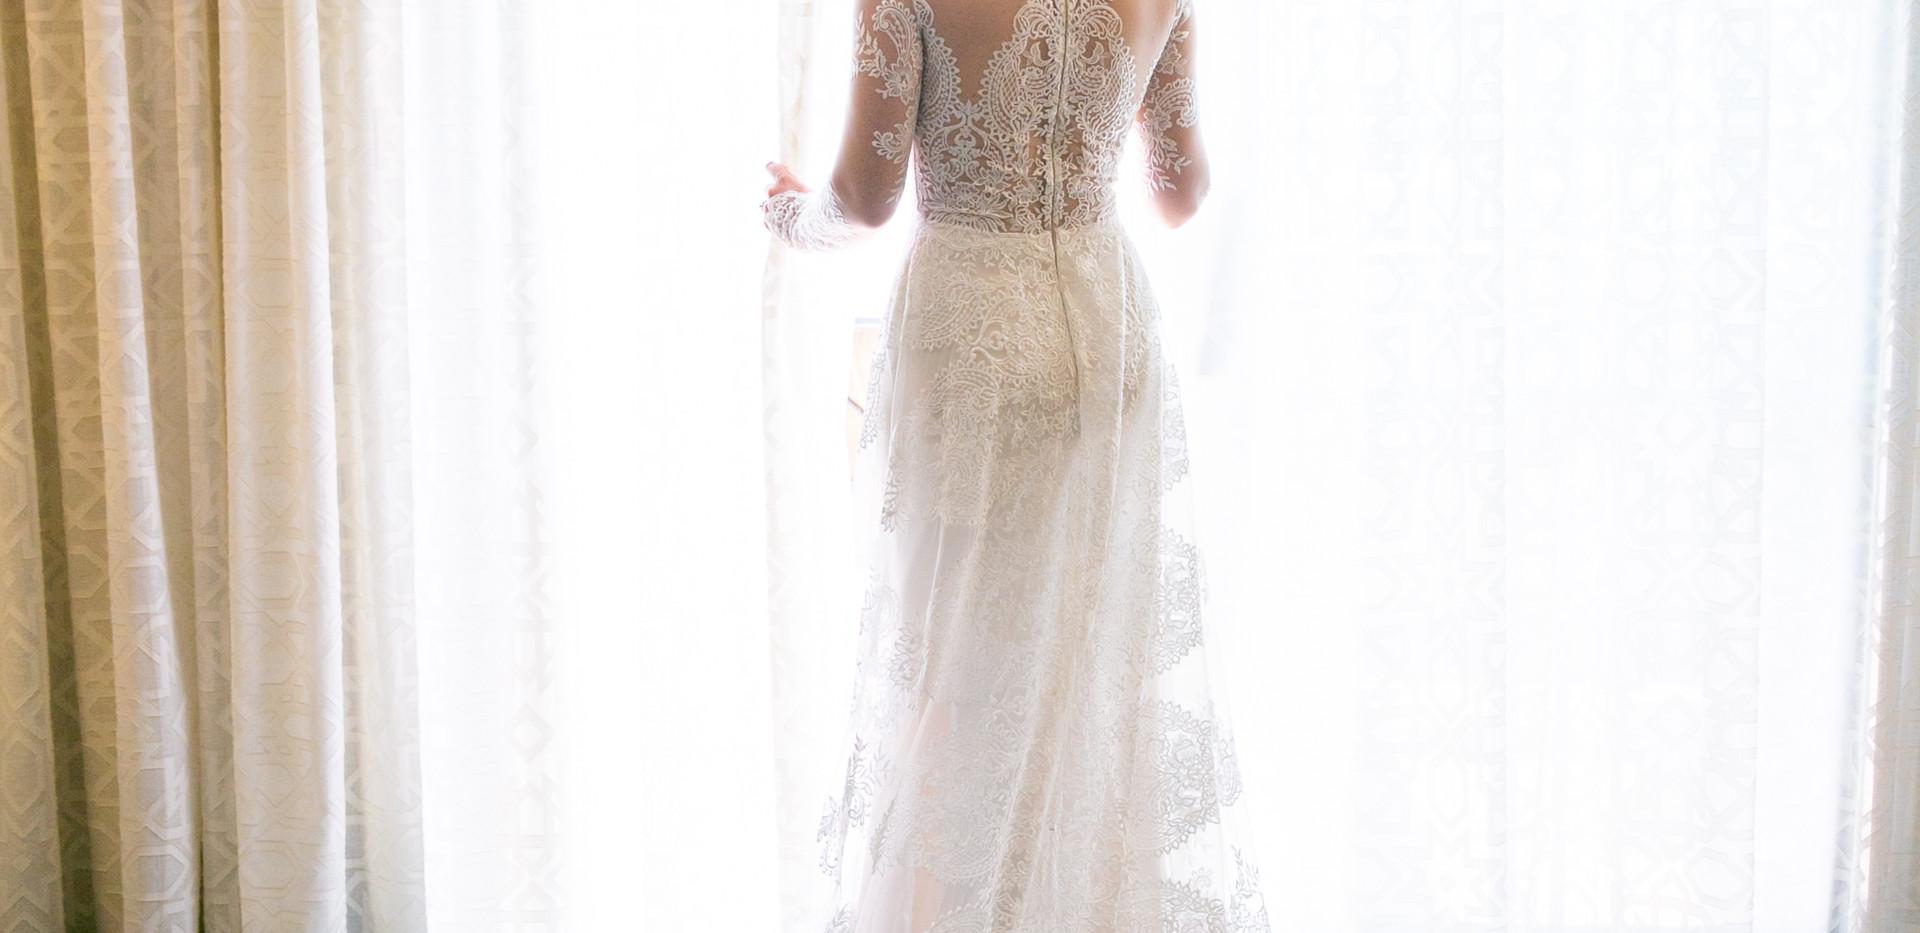 Stunning Lace Claire Pettibone Wedding Dress